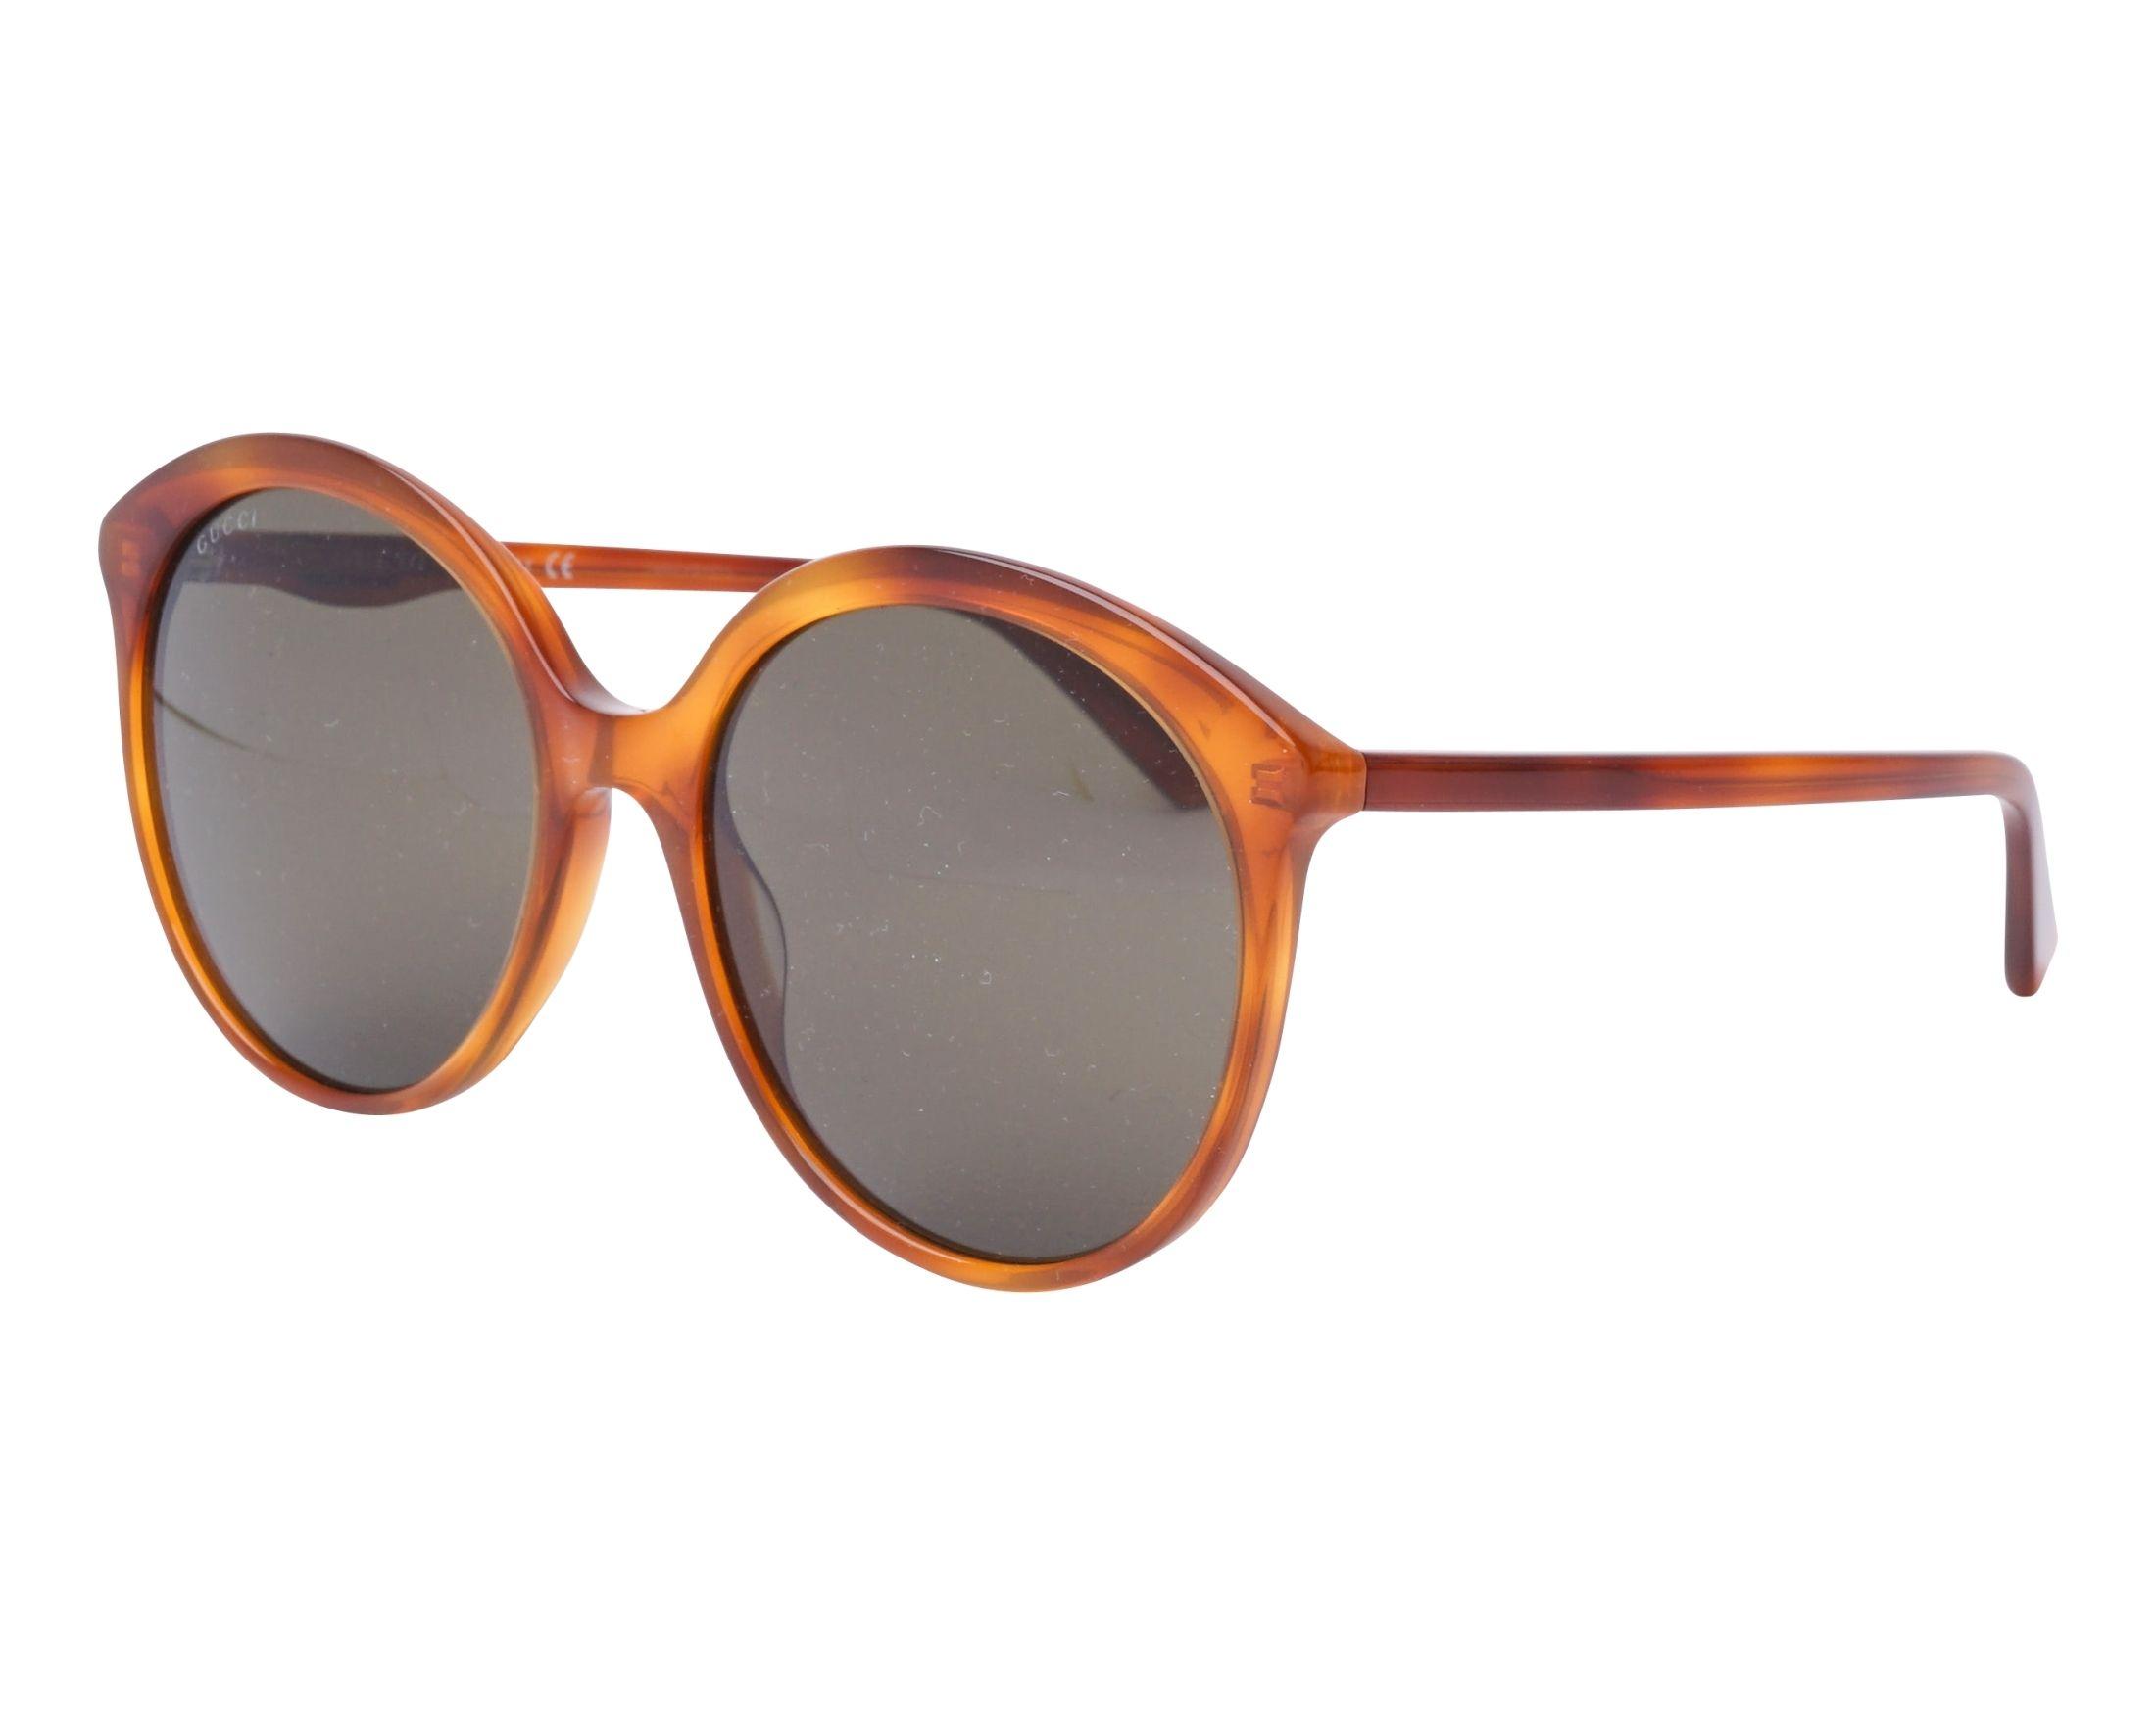 276d6578d22 Gafas de sol Gucci GG-0257-S 002 59-19 Havana vista de